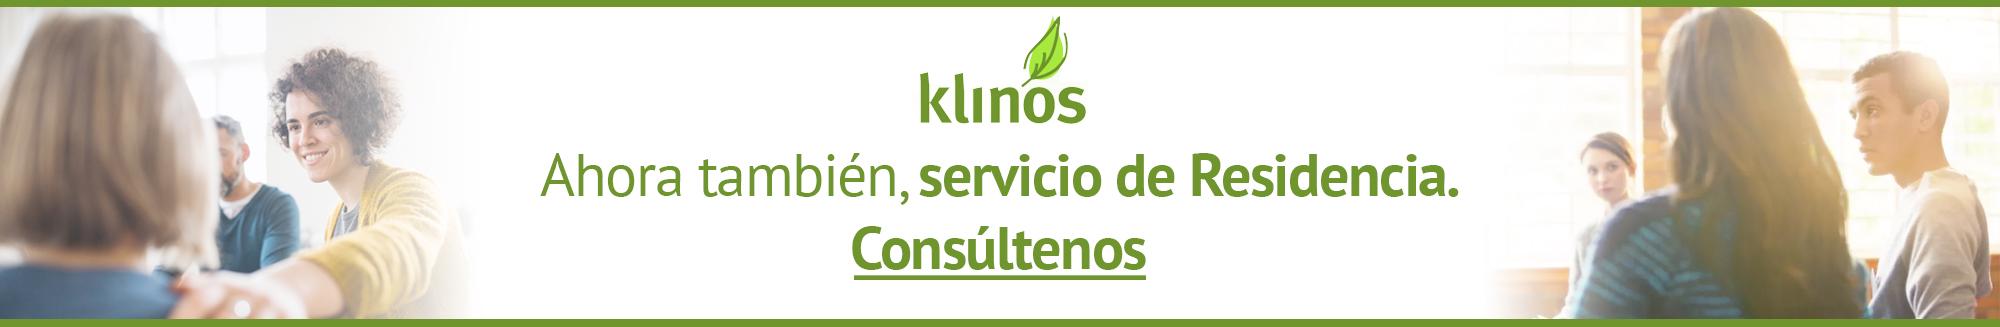 Centro Klinos - Servicio de Residencia